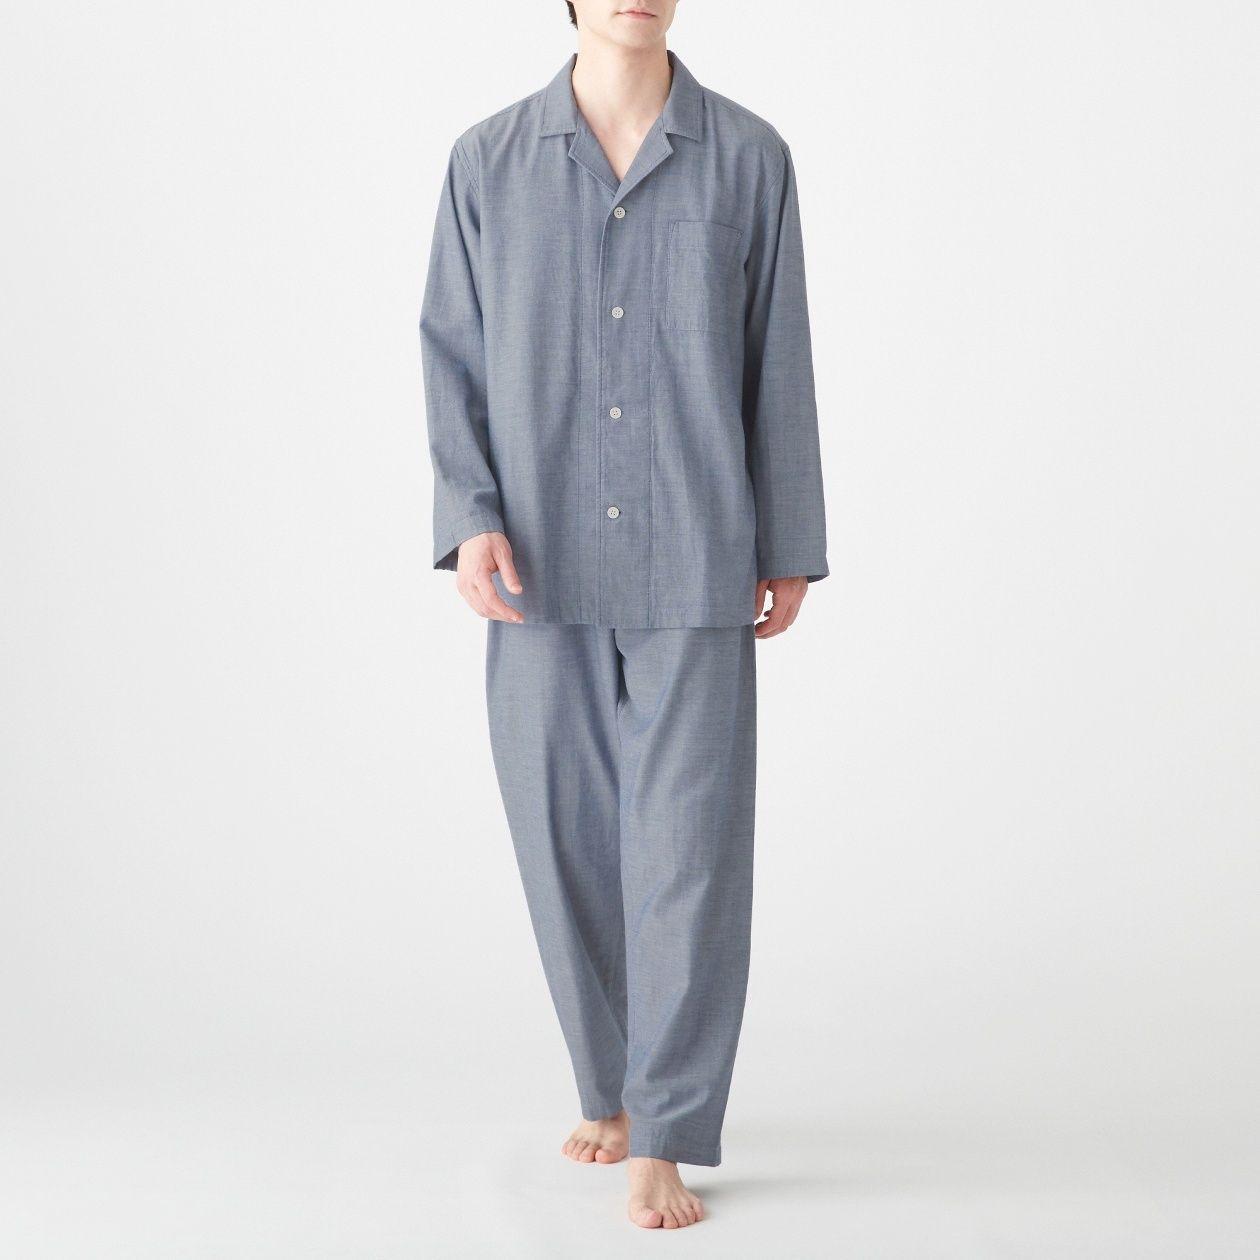 [무인양품] 겨드랑이 솔기 없는 이중 거즈 파자마 남성 MUJI 일본 공식스토어